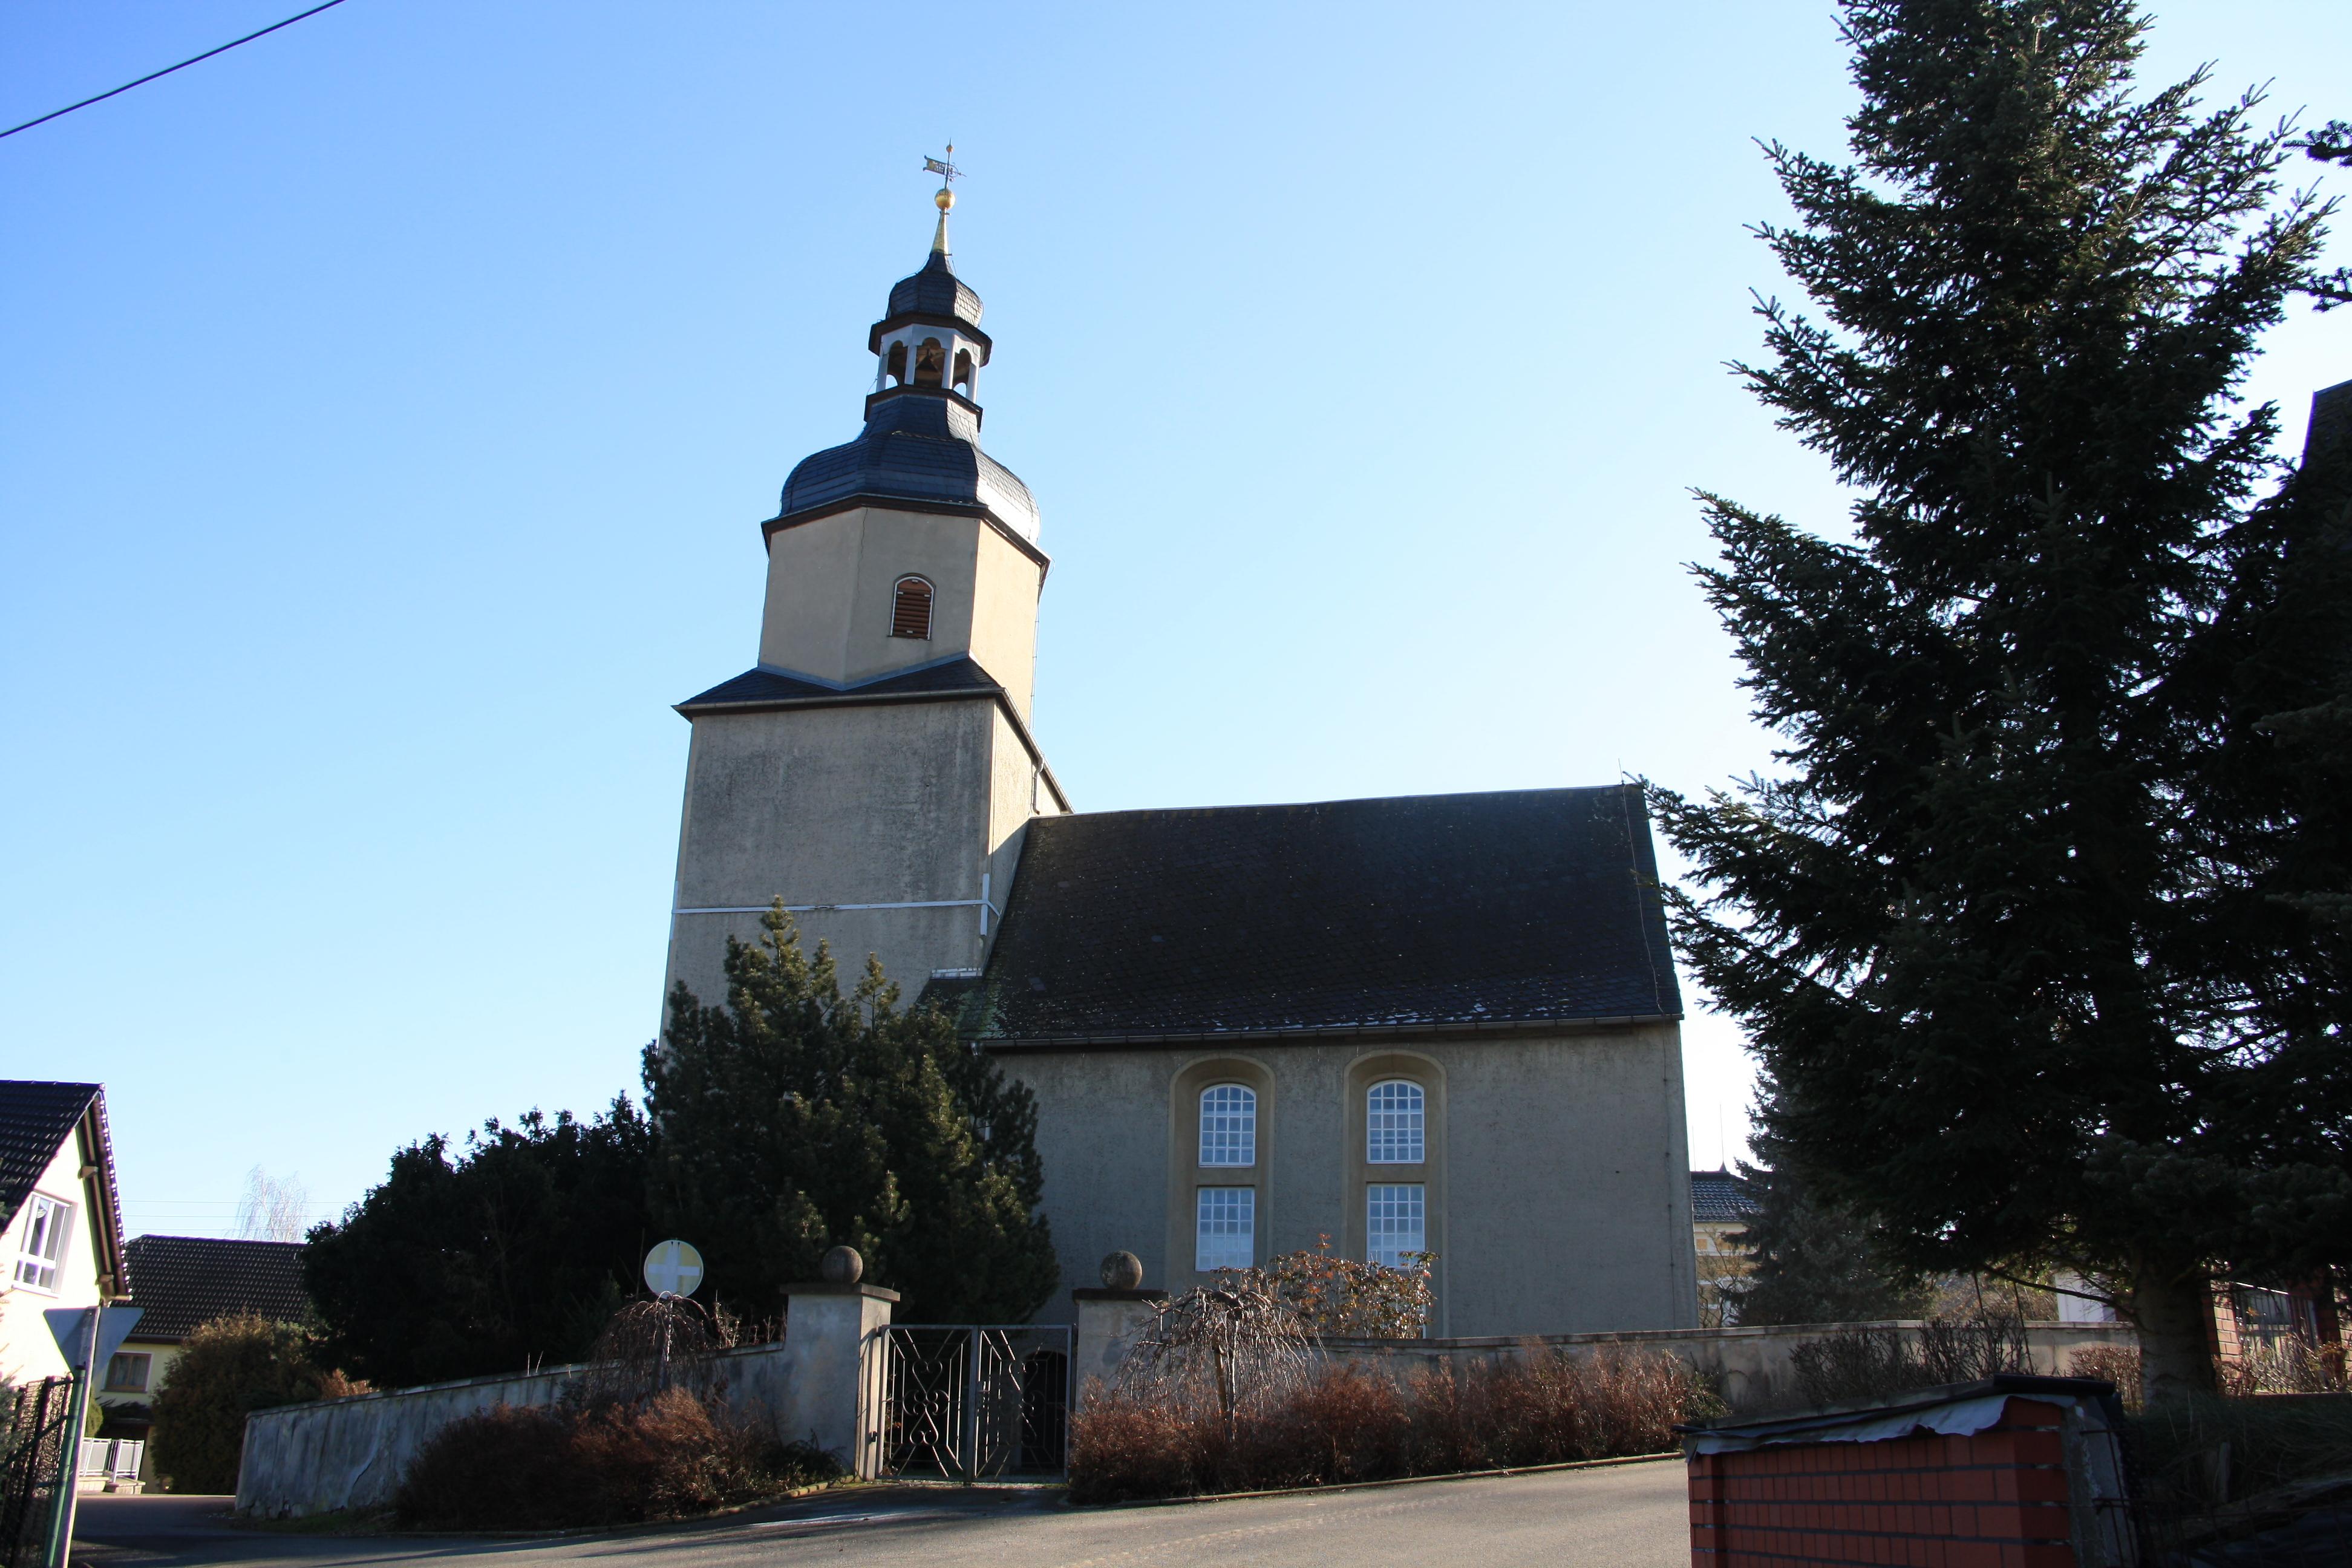 Kirche Vollmershain – Geschichte